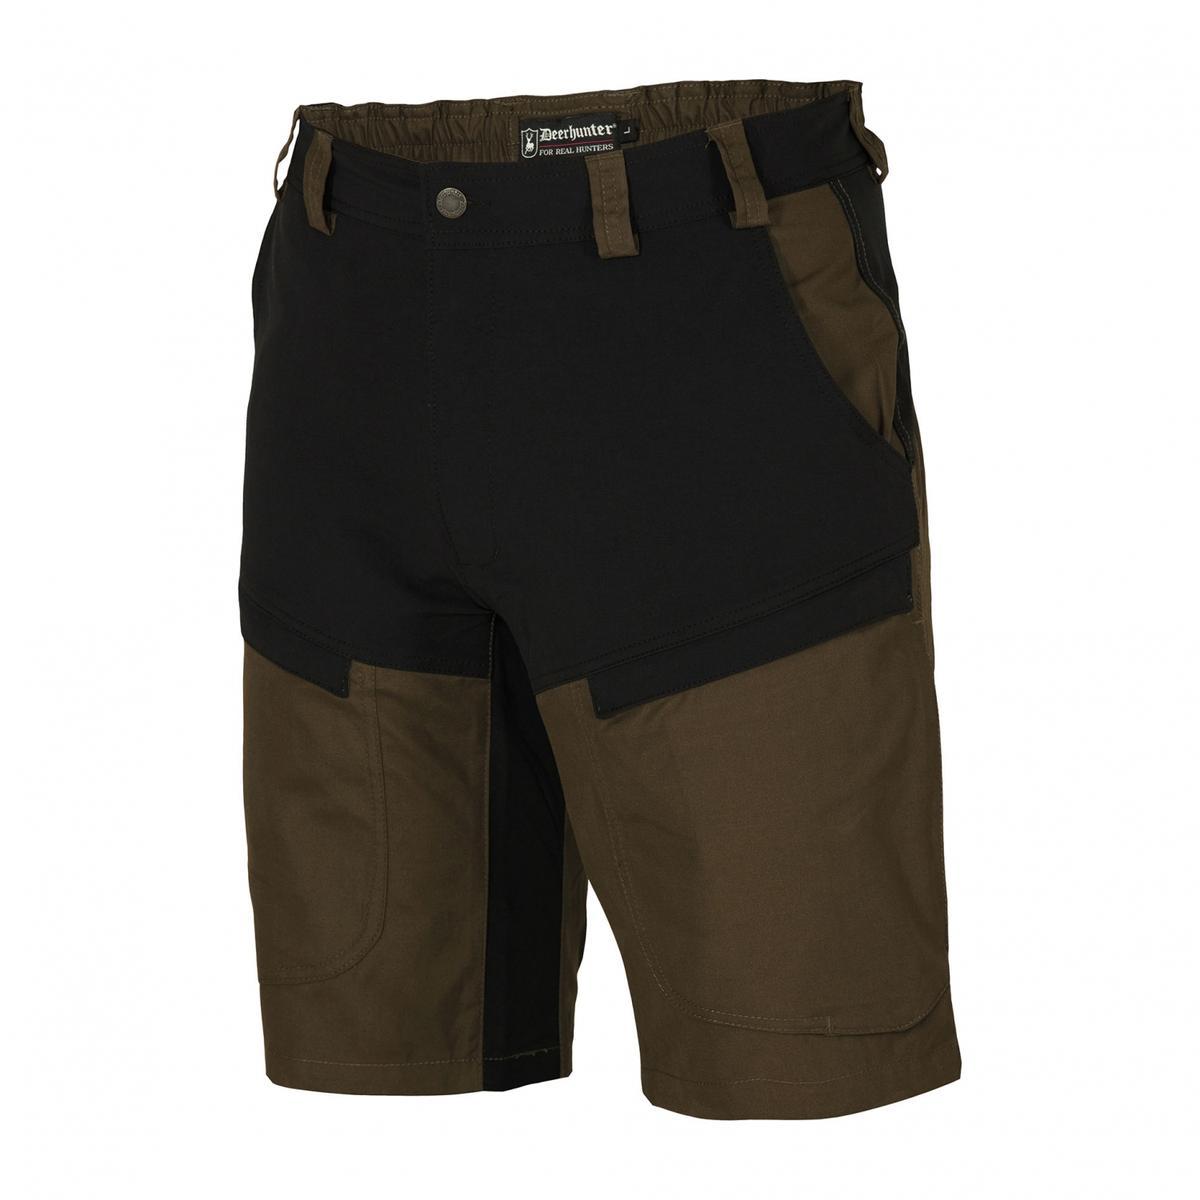 Deerhunter Huelga Pantalones  Cortos-hoja Caído  100% autentico